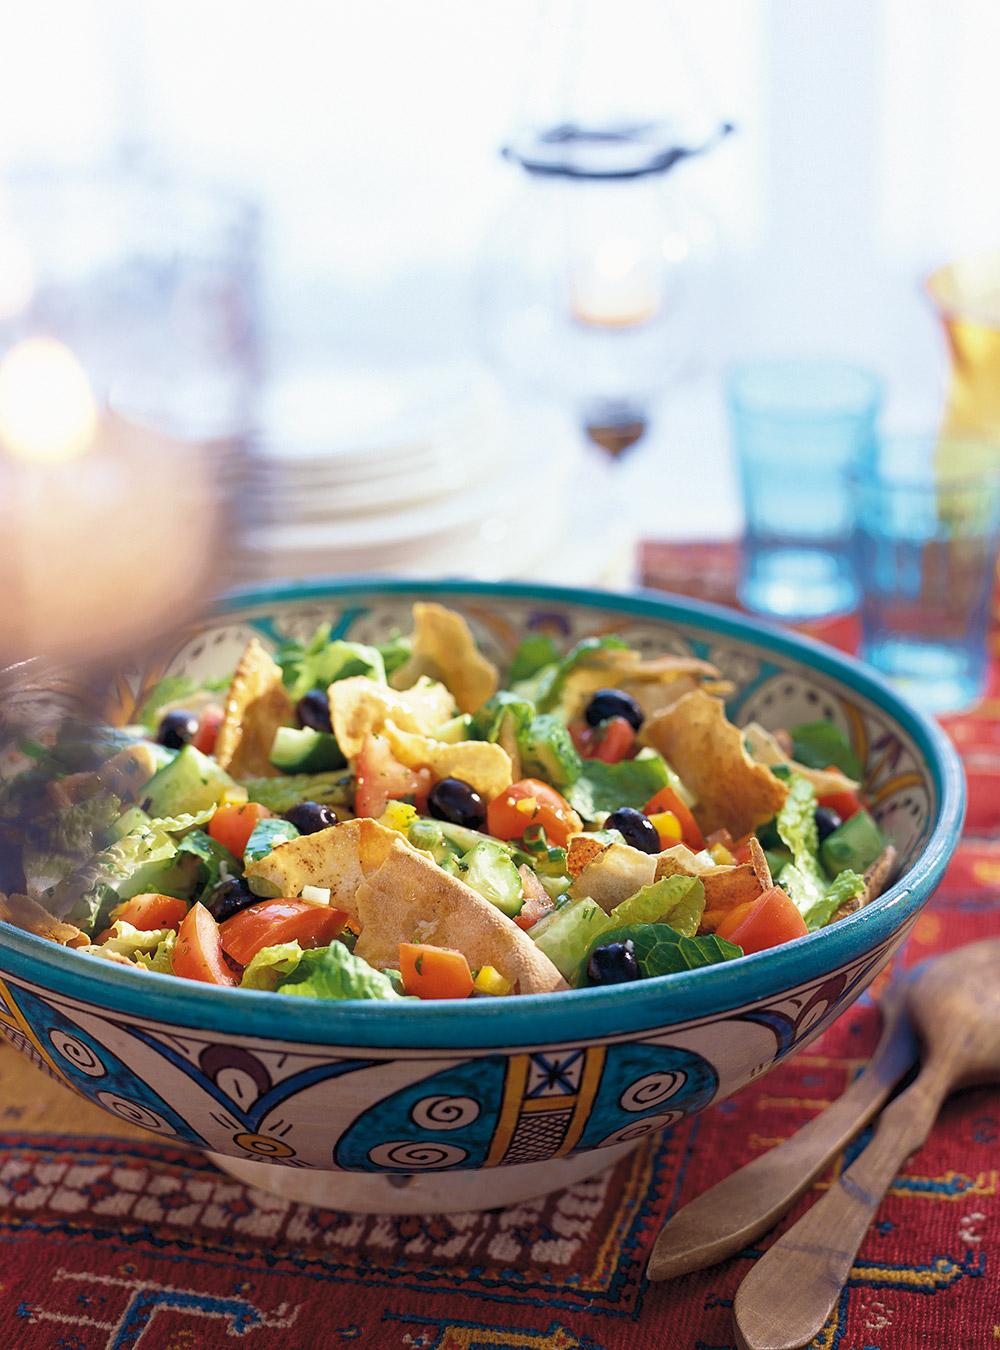 Salade fattouche (salade avec pains pitas) | ricardo